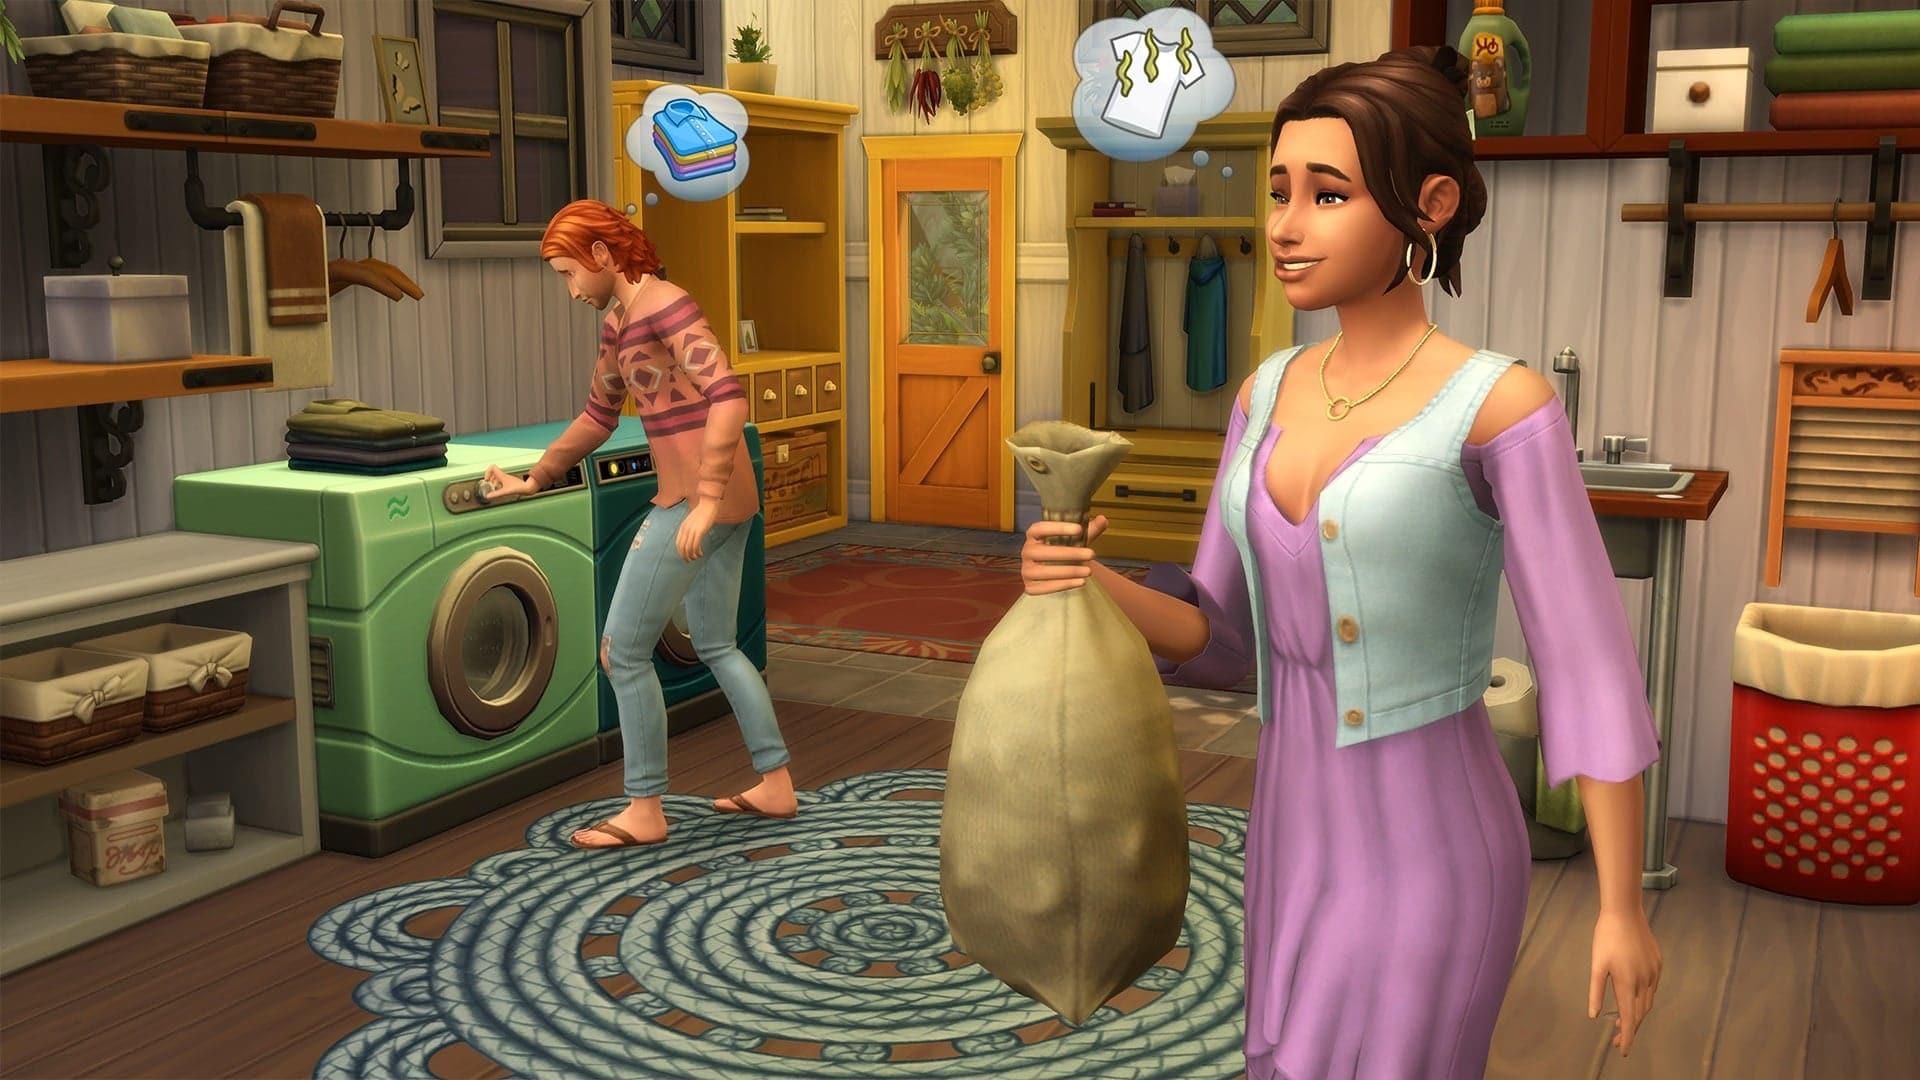 Les Sims 4 Jour de Lessive [16 Janvier 2018] TS4_SP13_OFFICIAL_SCREEN_02_002_1080